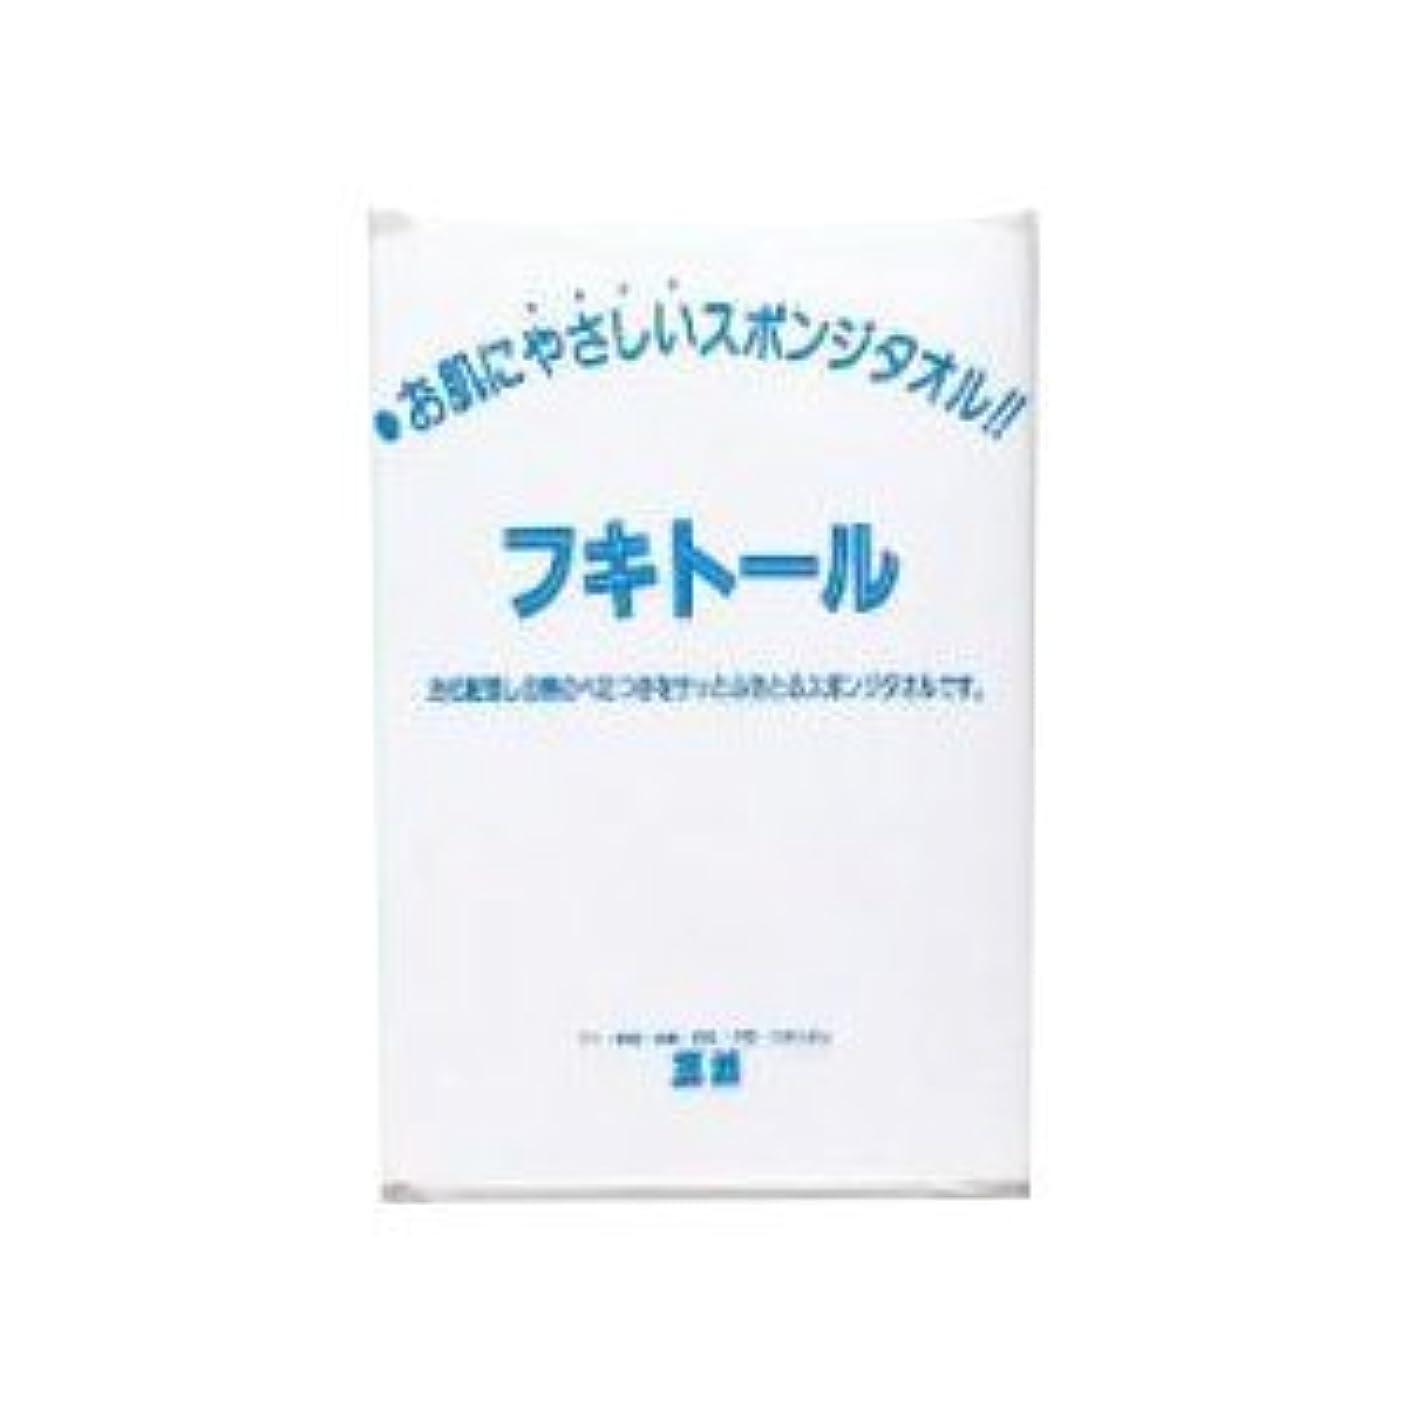 炭水化物経由で結婚したフキトール(スポンジタオル)【三善】